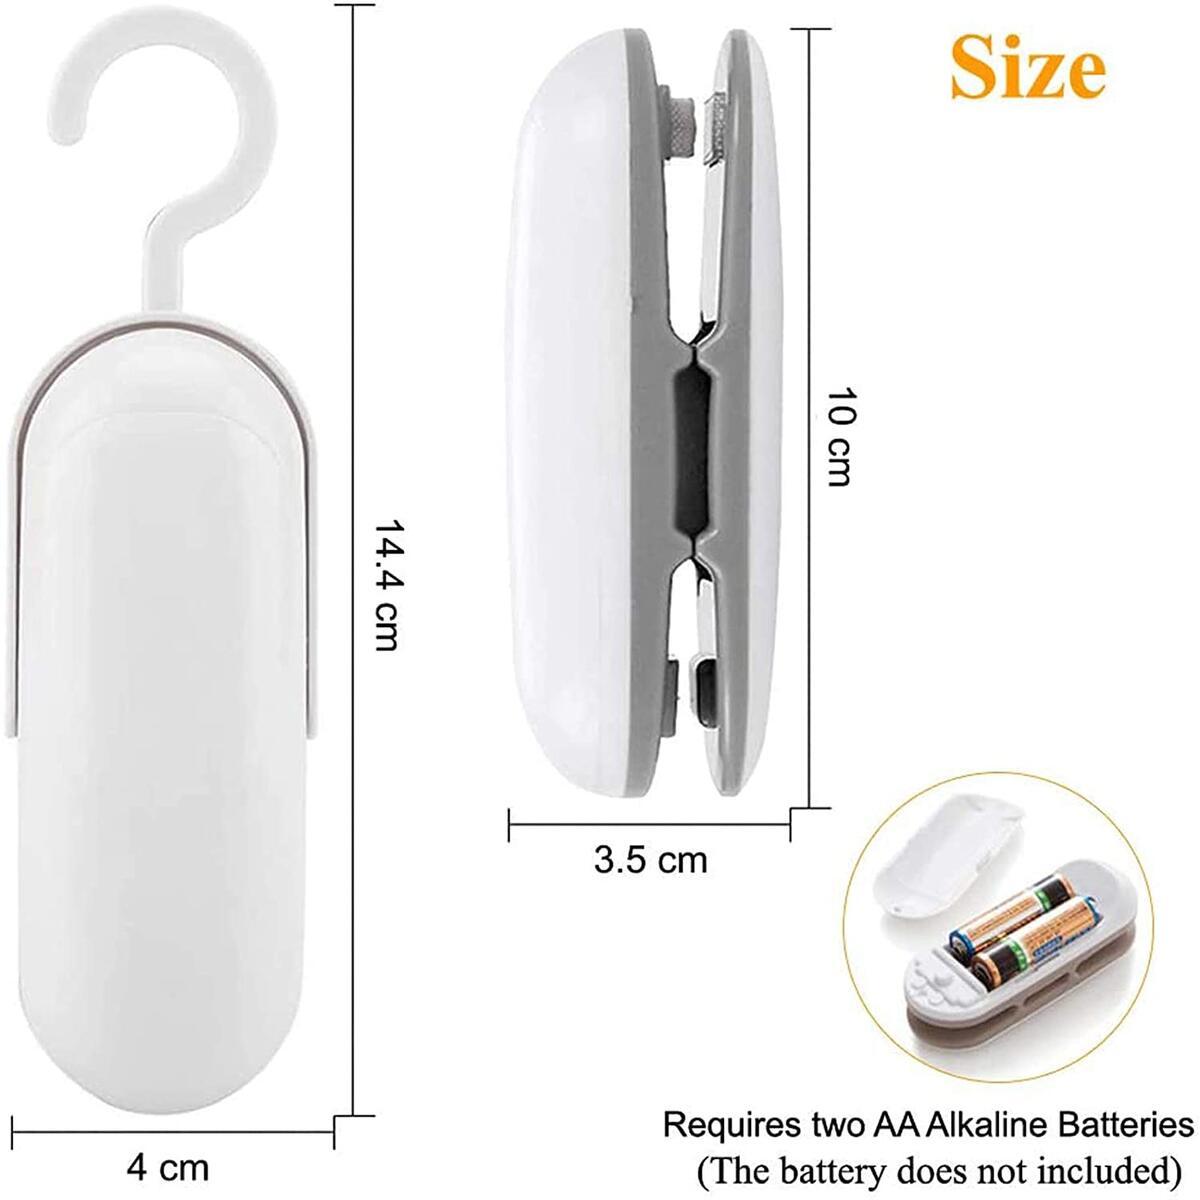 Mini Bag Sealer, Handheld Heat Vacuum Sealer,2 in 1 Heat Sealer and Cutter Portable Bag Resealer